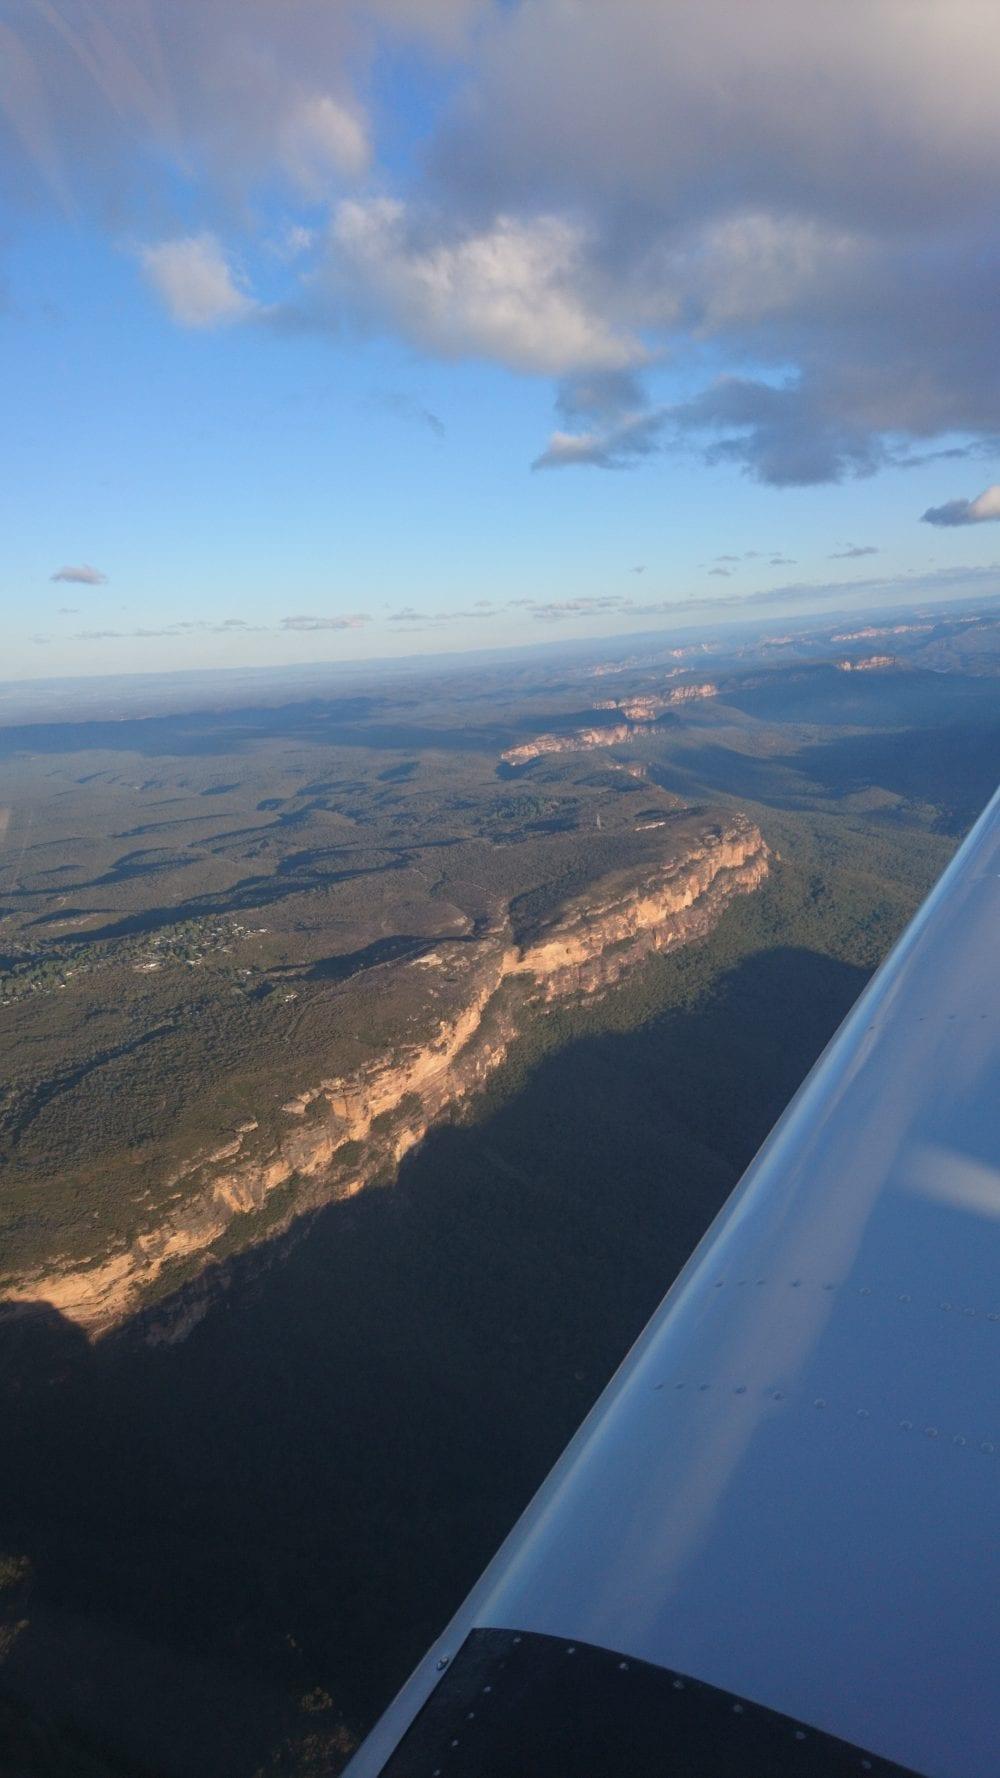 Blue Mountains - AAA Sydney & Surrounds luxury scenic flight